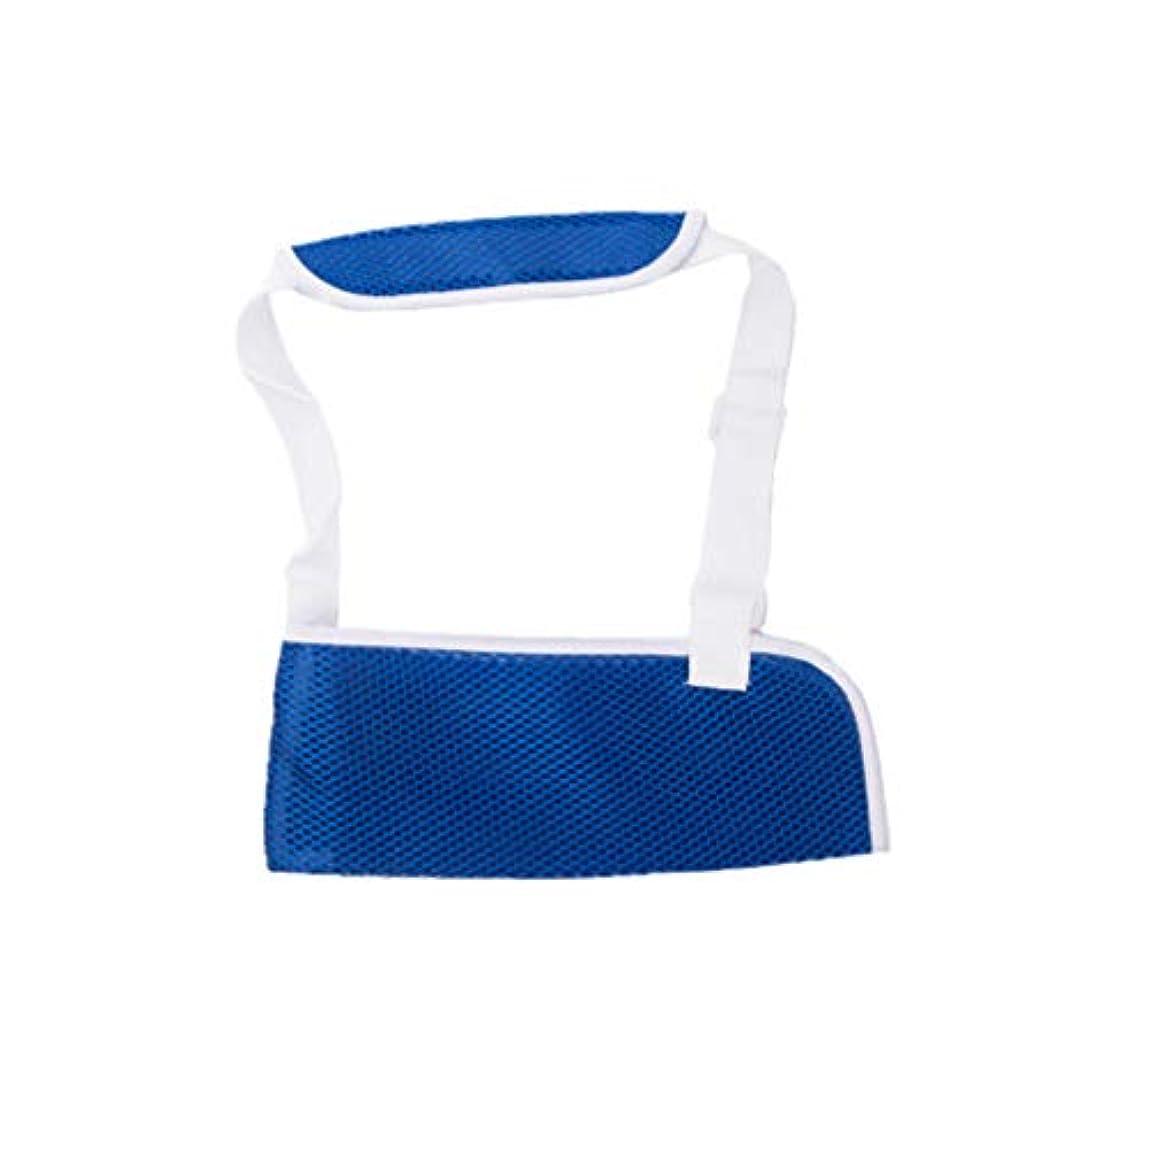 ファンタジー恐怖鍔Heallily アームスリング1ピース調節可能なアームスリング肩サポートスプリットストラップ付き通気性のある手首の肘サポート子供の脱臼、骨折、捻rain、骨折した腕(サイズl)